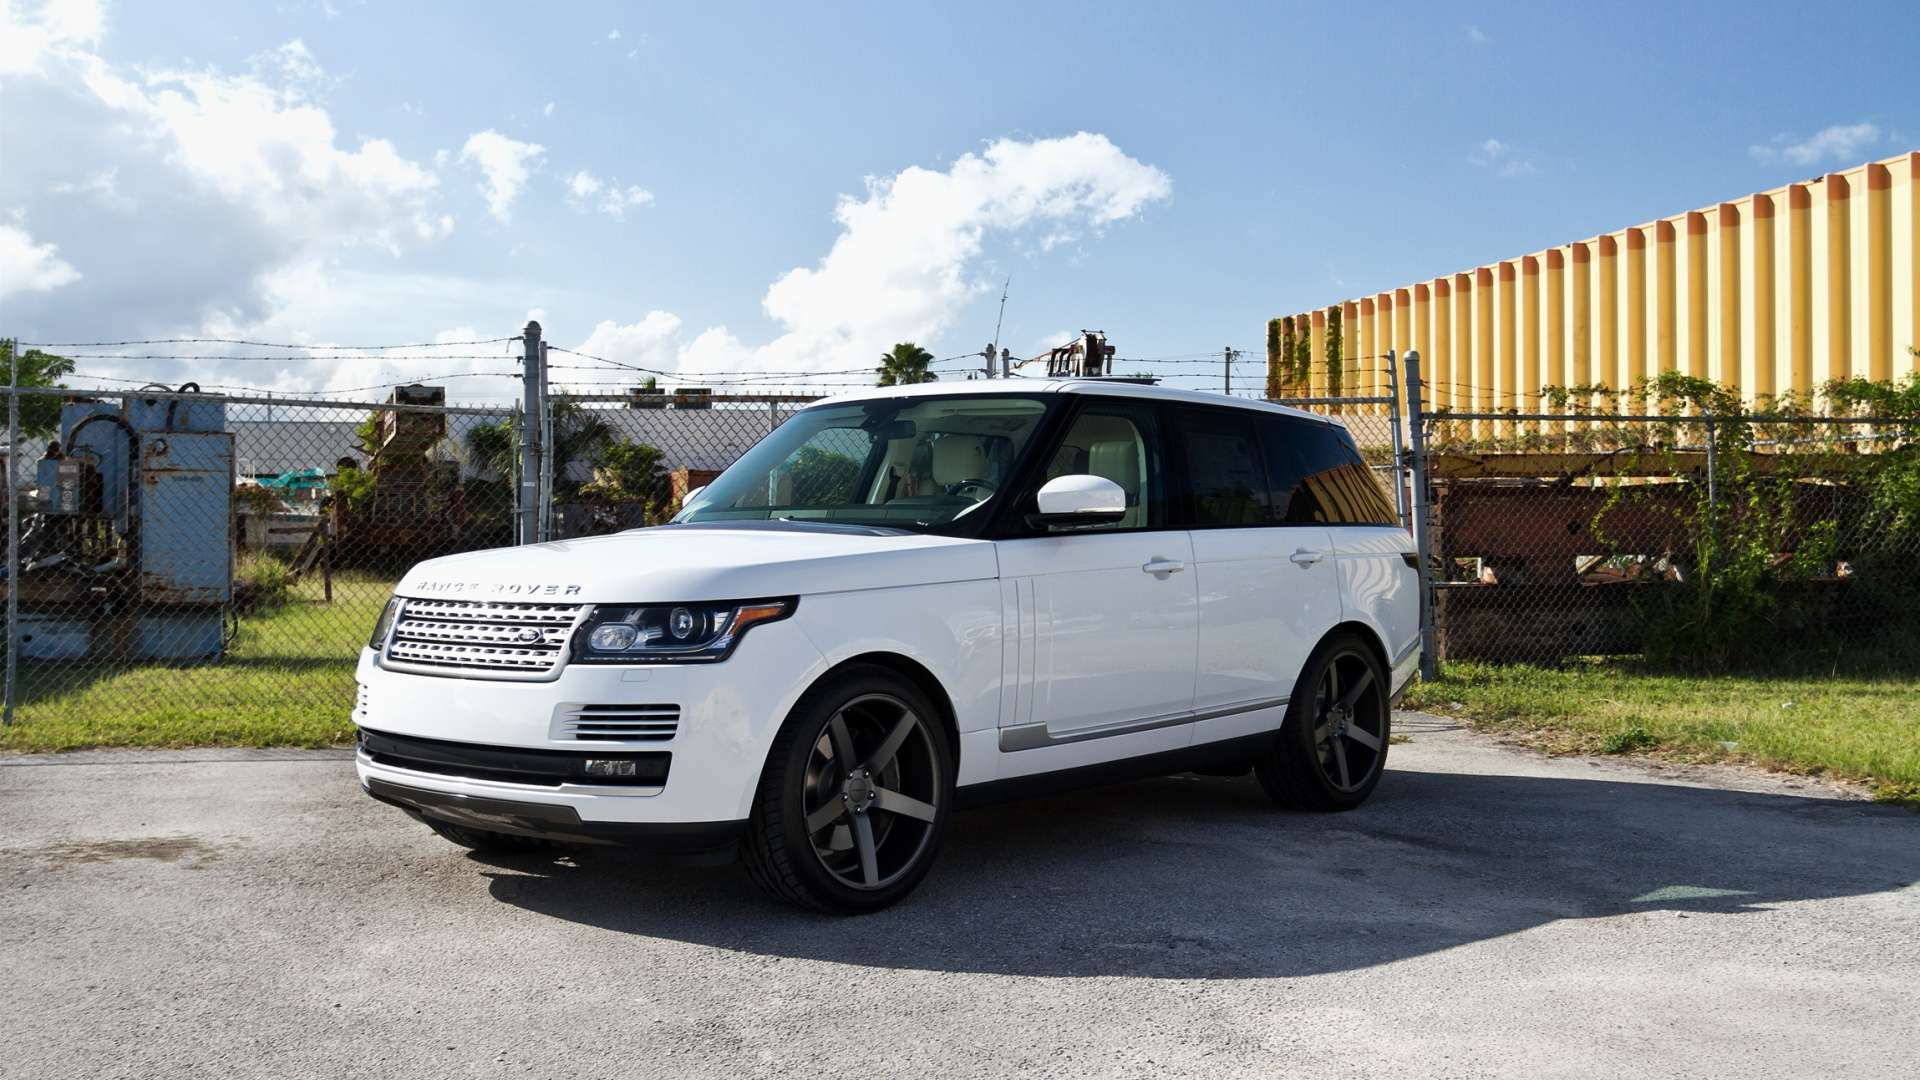 land-rover-range-rover-sport-white